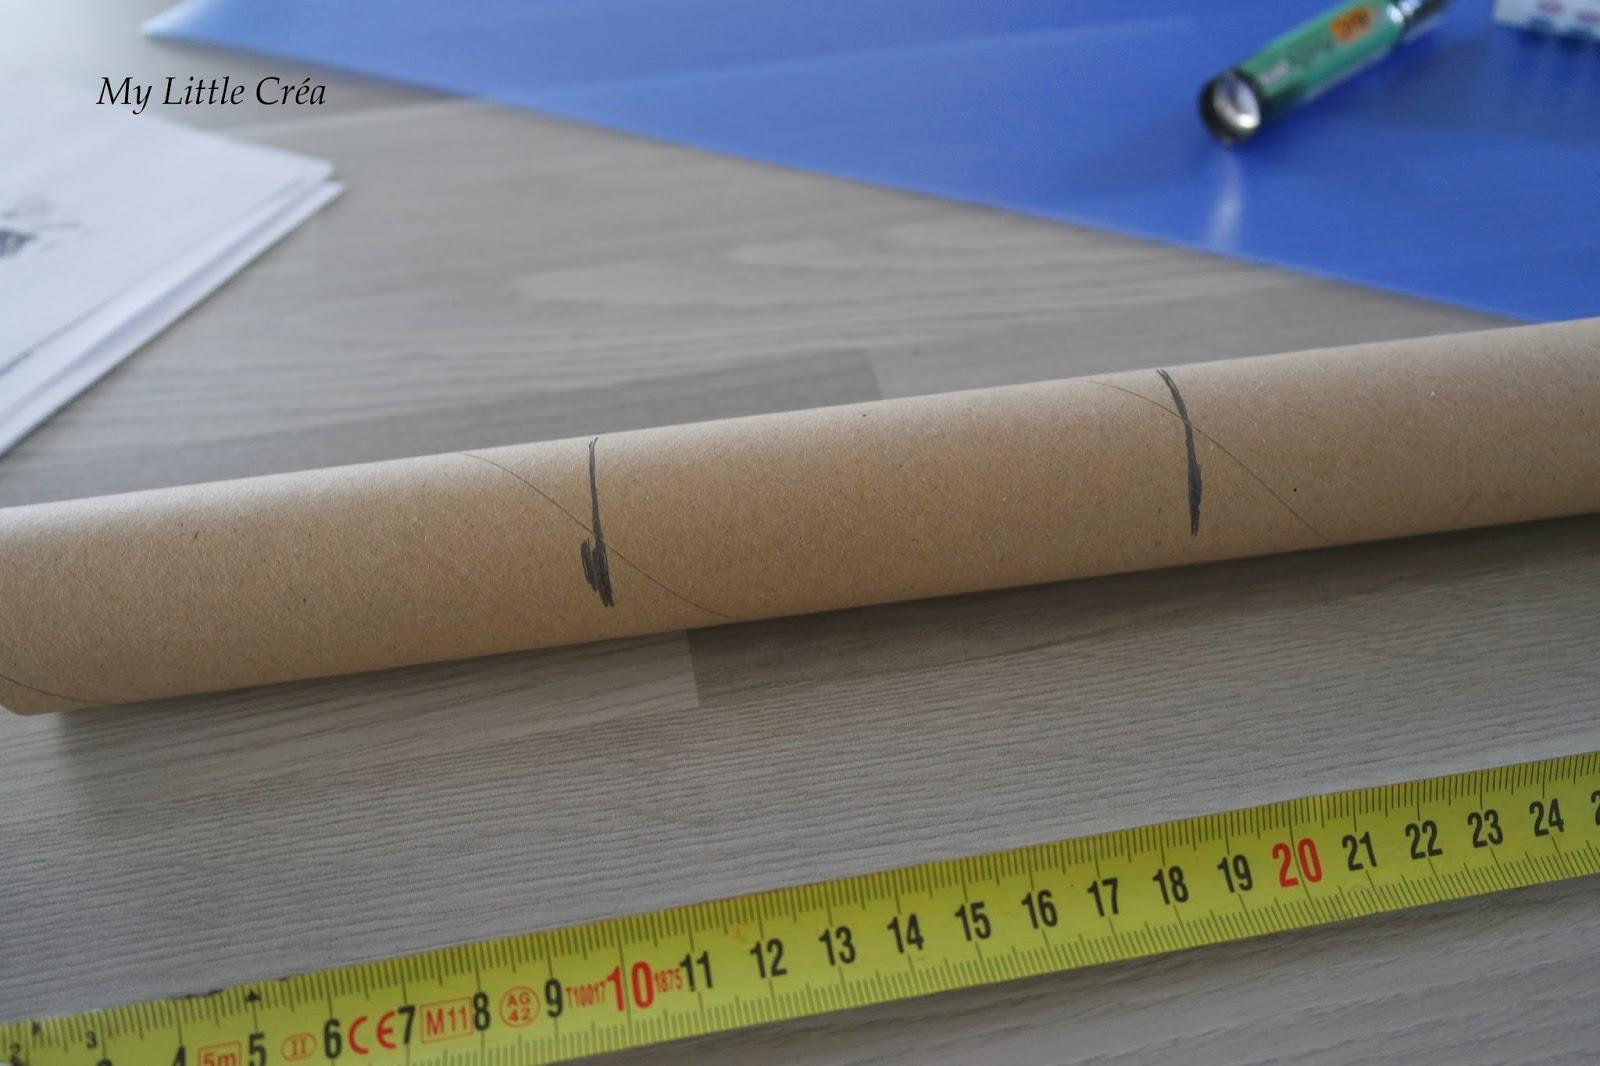 comment faire un sabre laser star wars en papier -|- vinny.oleo